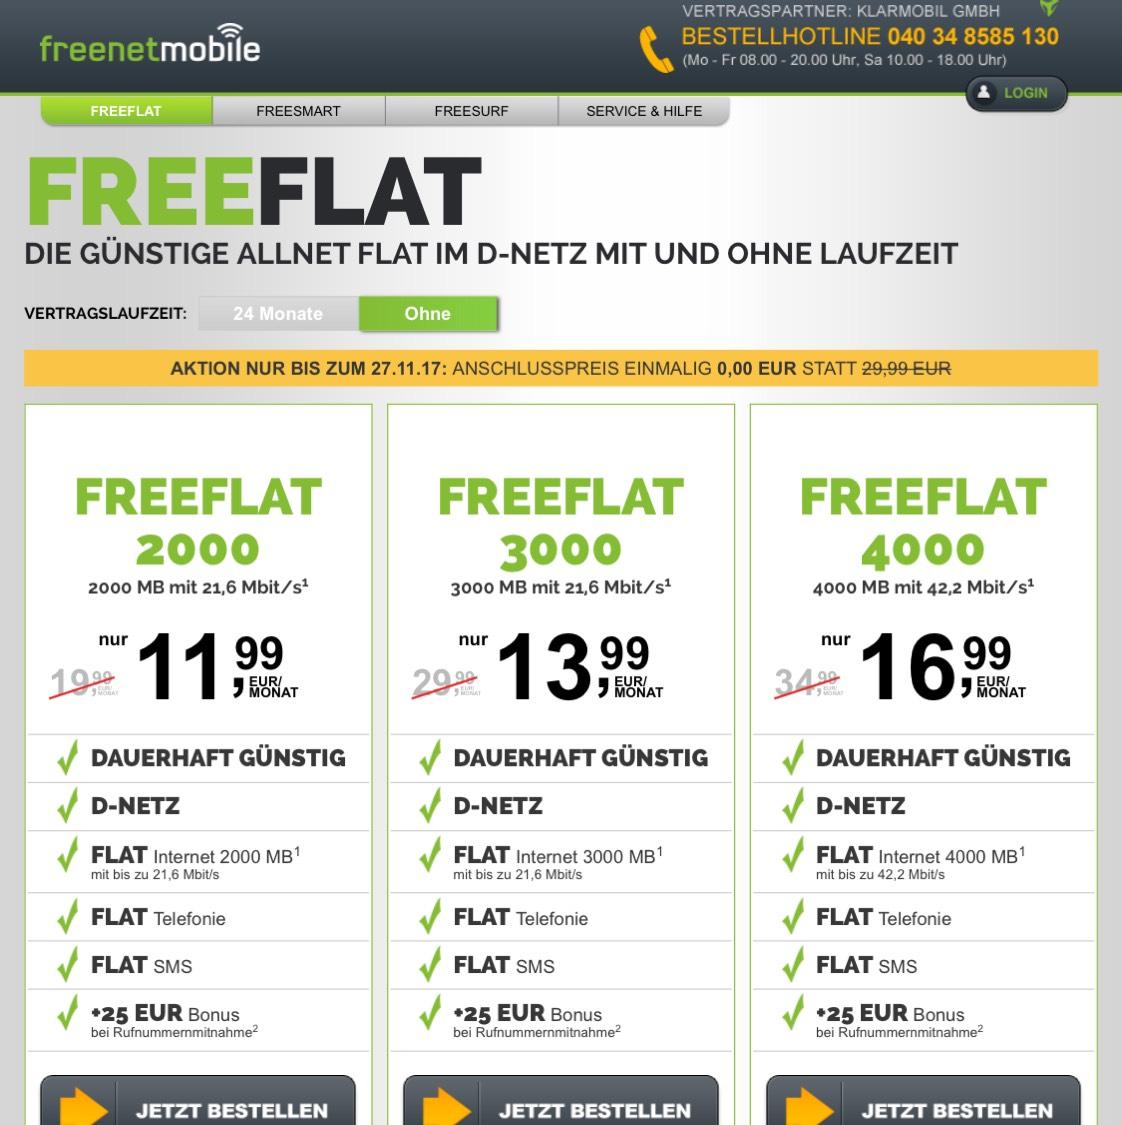 Freenetmobile Anschlusspreis 0€ statt 29,99€